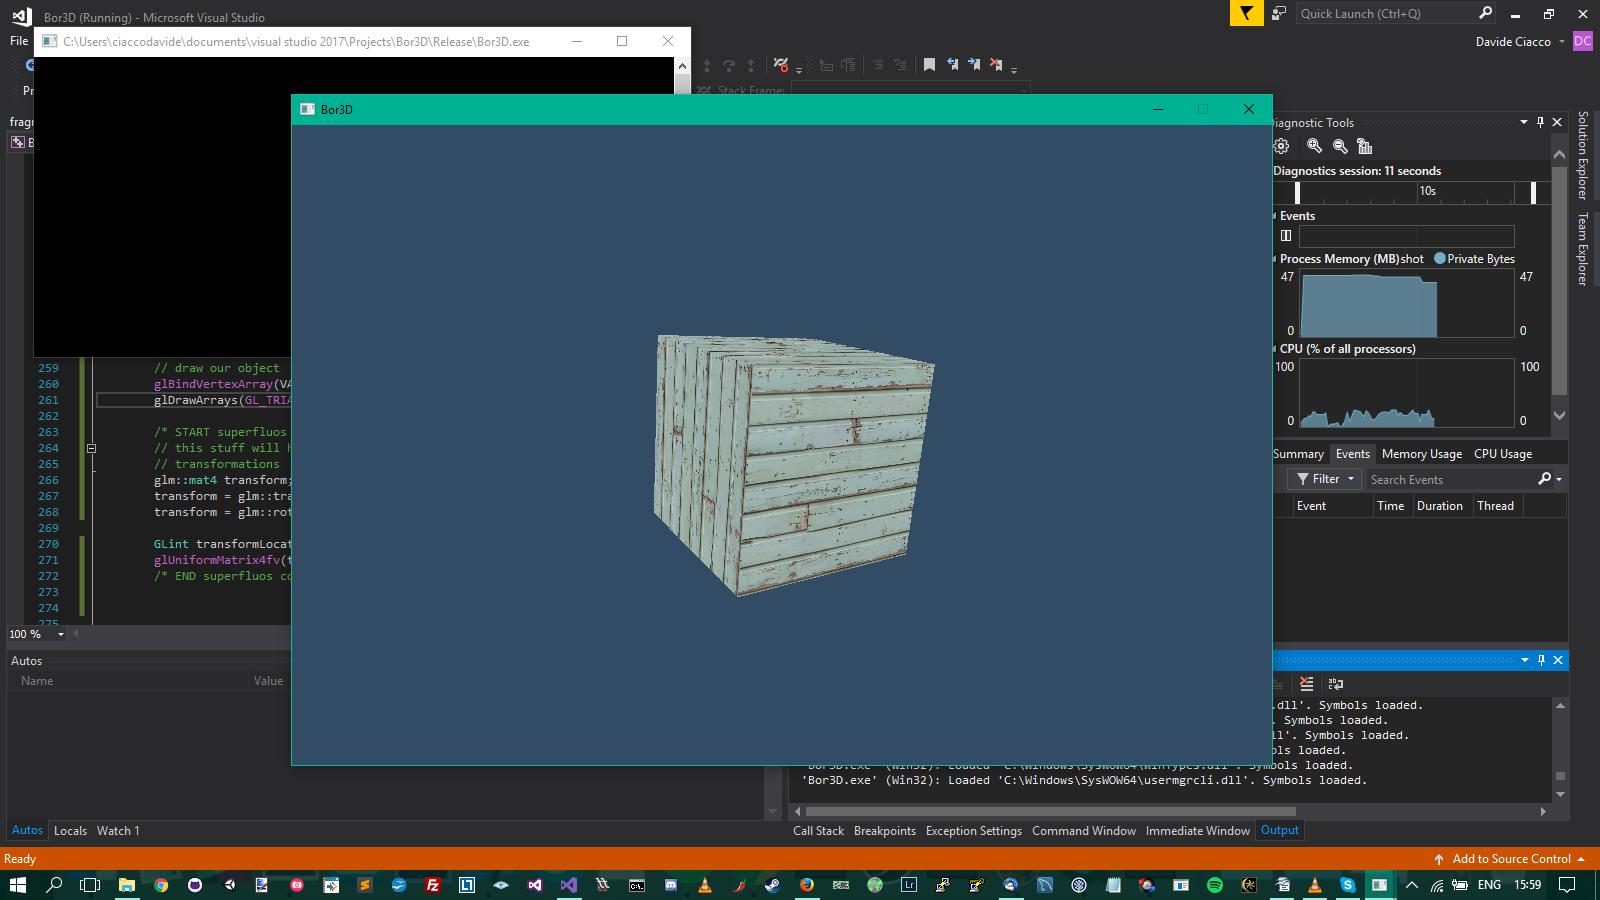 projection, 3d cube